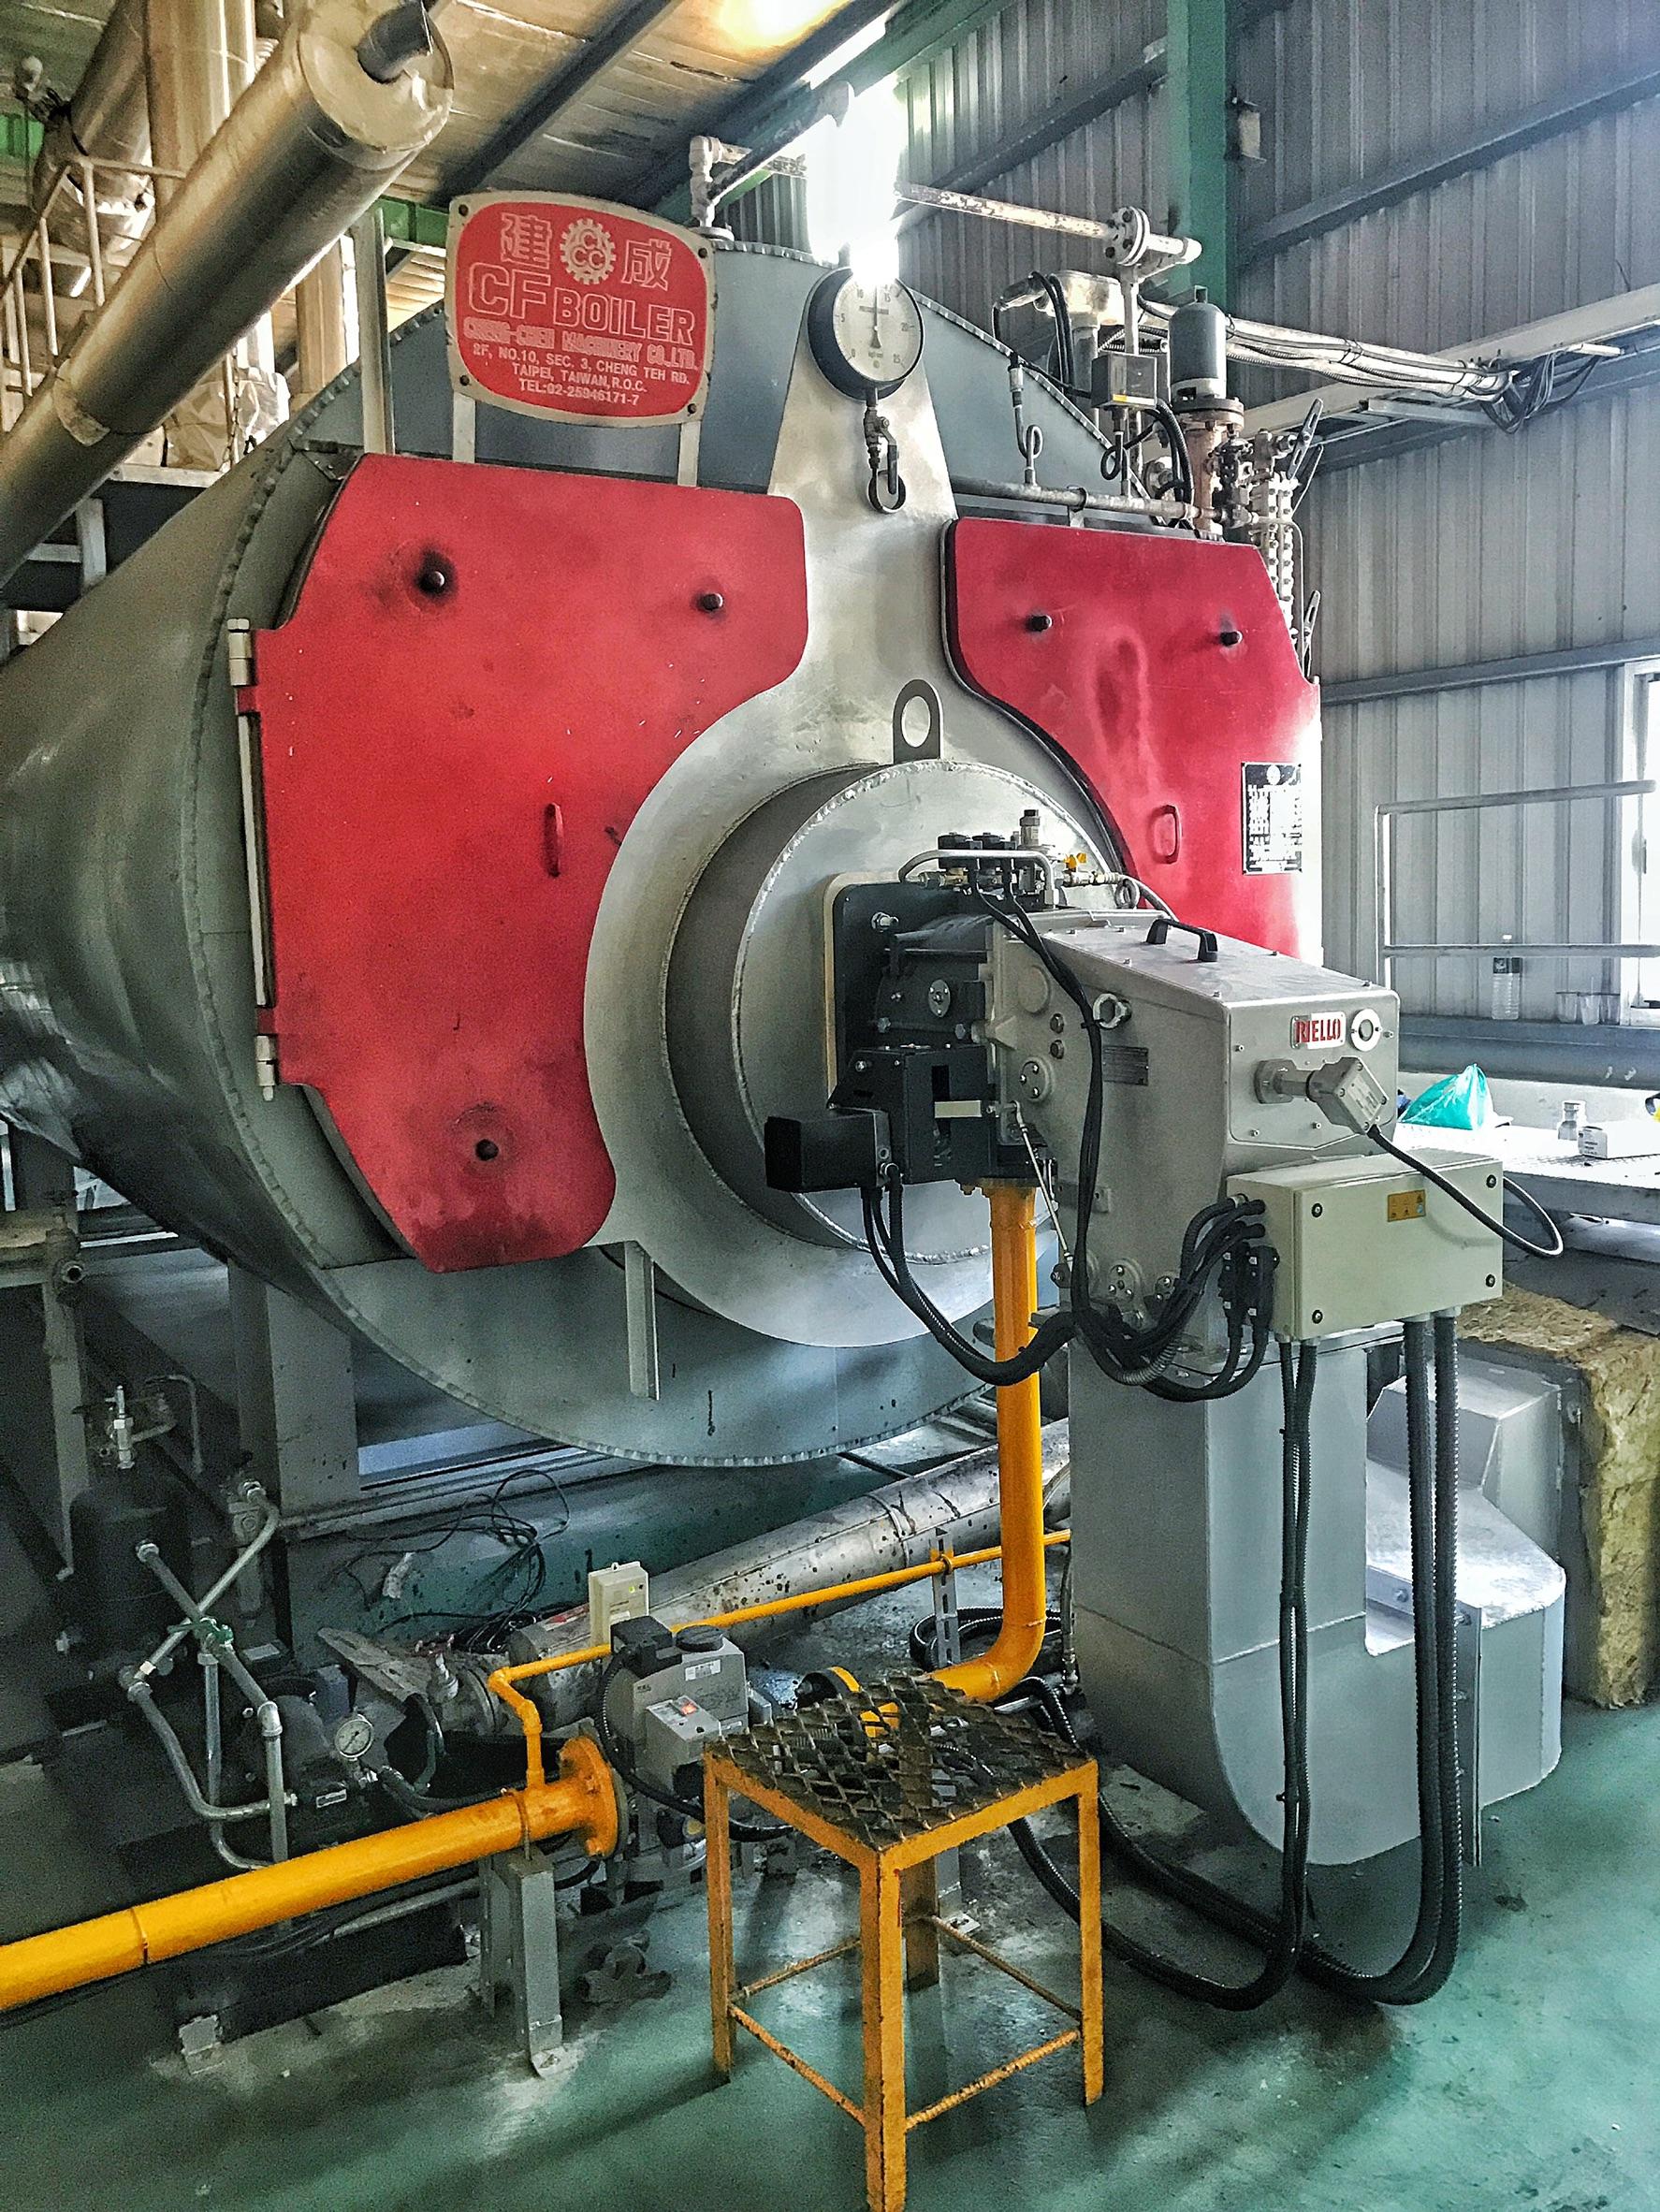 工業雙燃料機械比例式燃燒機- DB 6 LSM